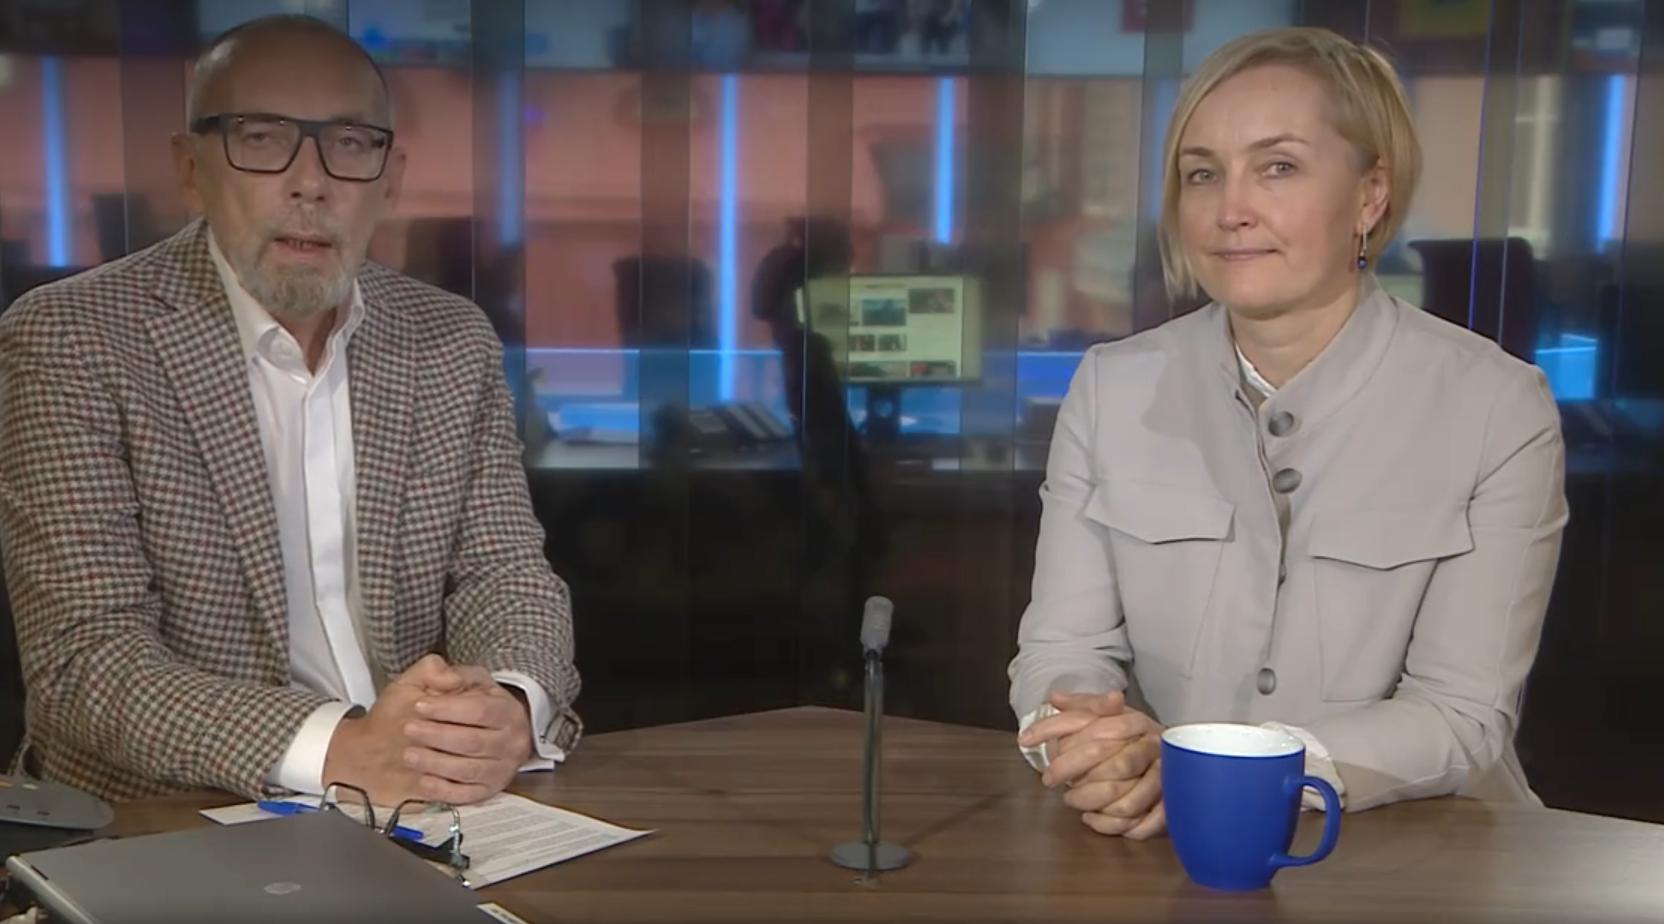 ВИДЕО: Кристина Каллас: нет смысла в новой партии, которая специально не занимается Ида-Вирумаа